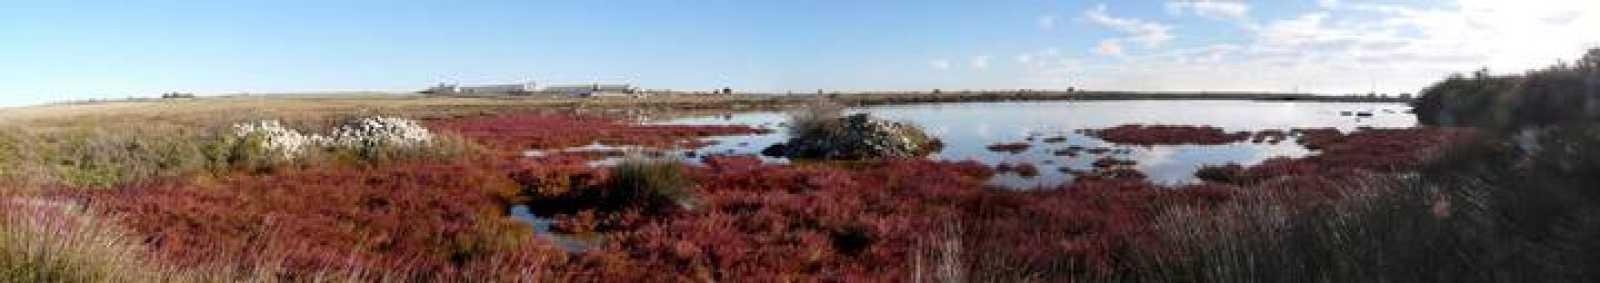 La Laguna Salobral con vegetación halófila circundante.